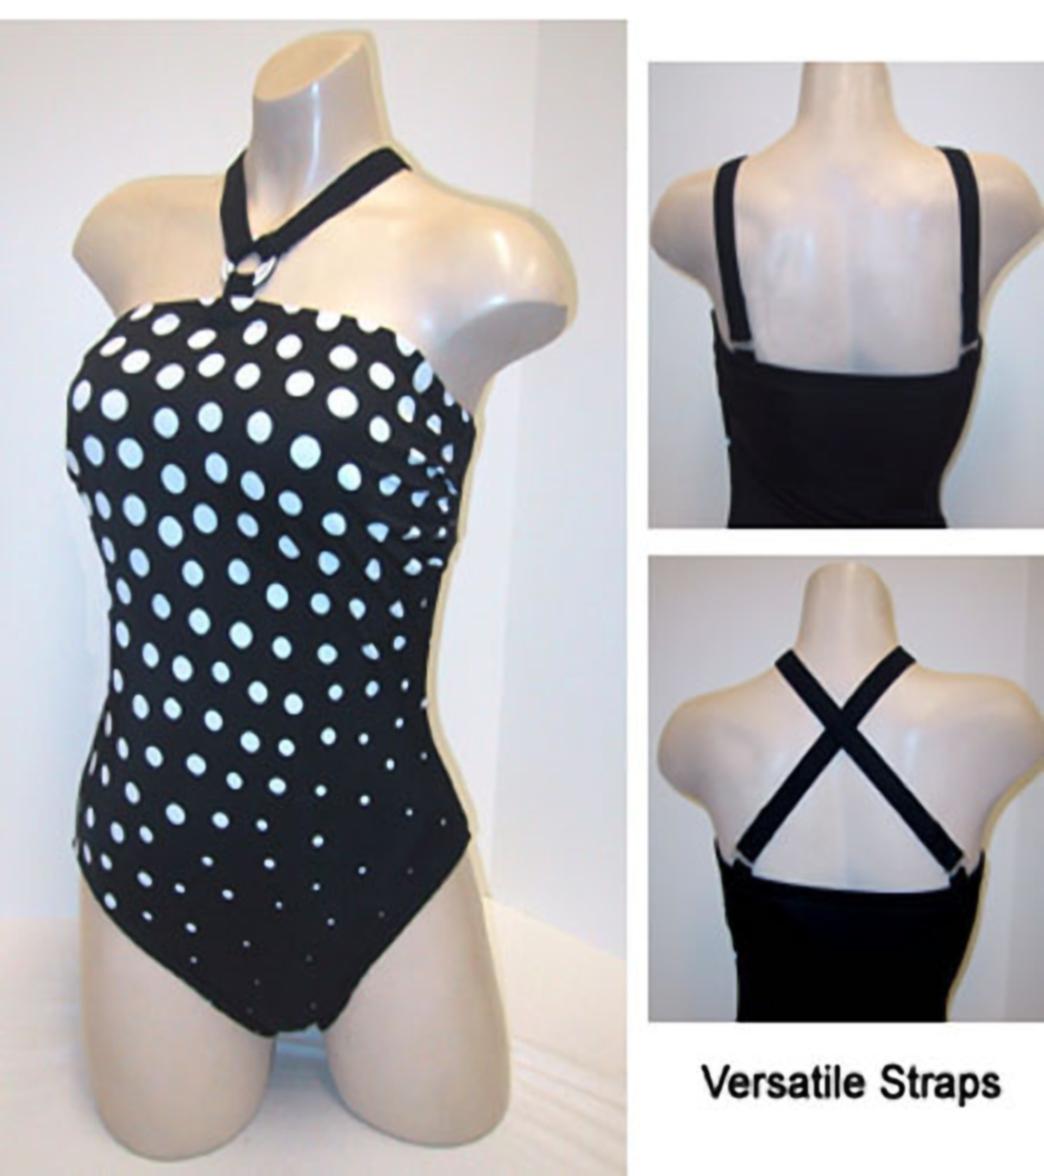 8d6723e6fe Carol Wior Slimsuit Tiny Bubbles Bandeau at SwimOutlet.com - Free ...